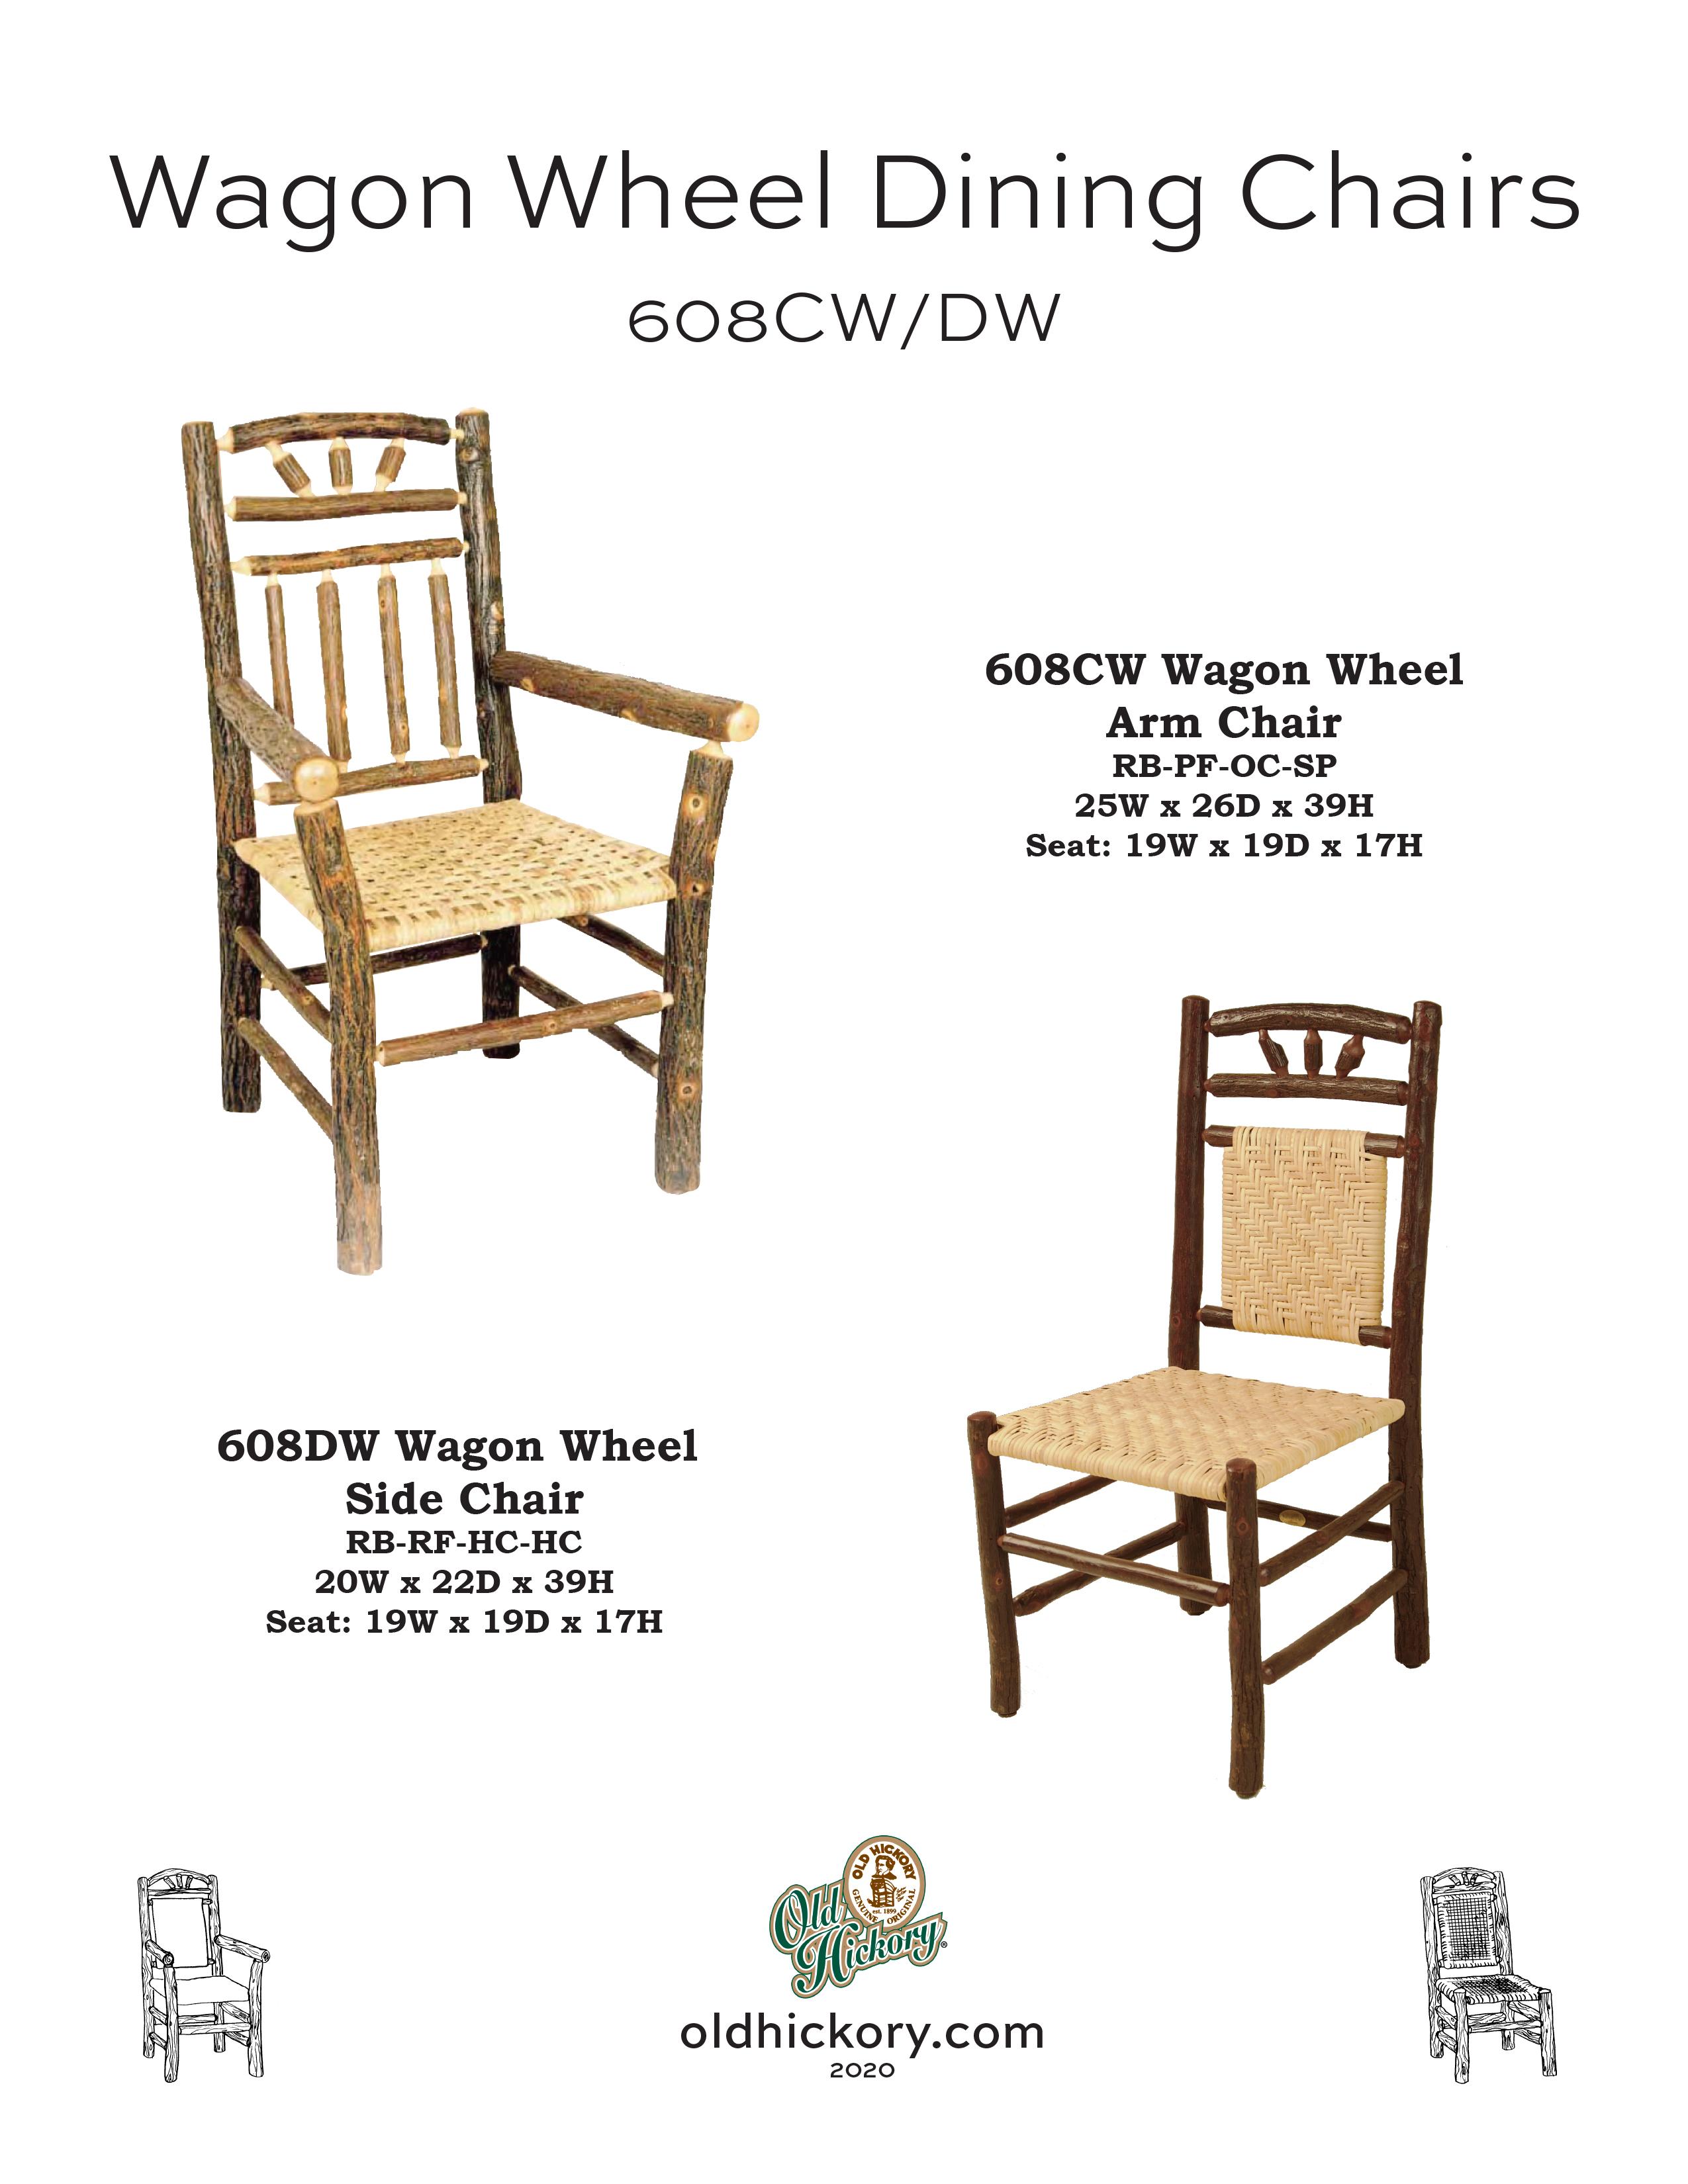 608CW & 608DW